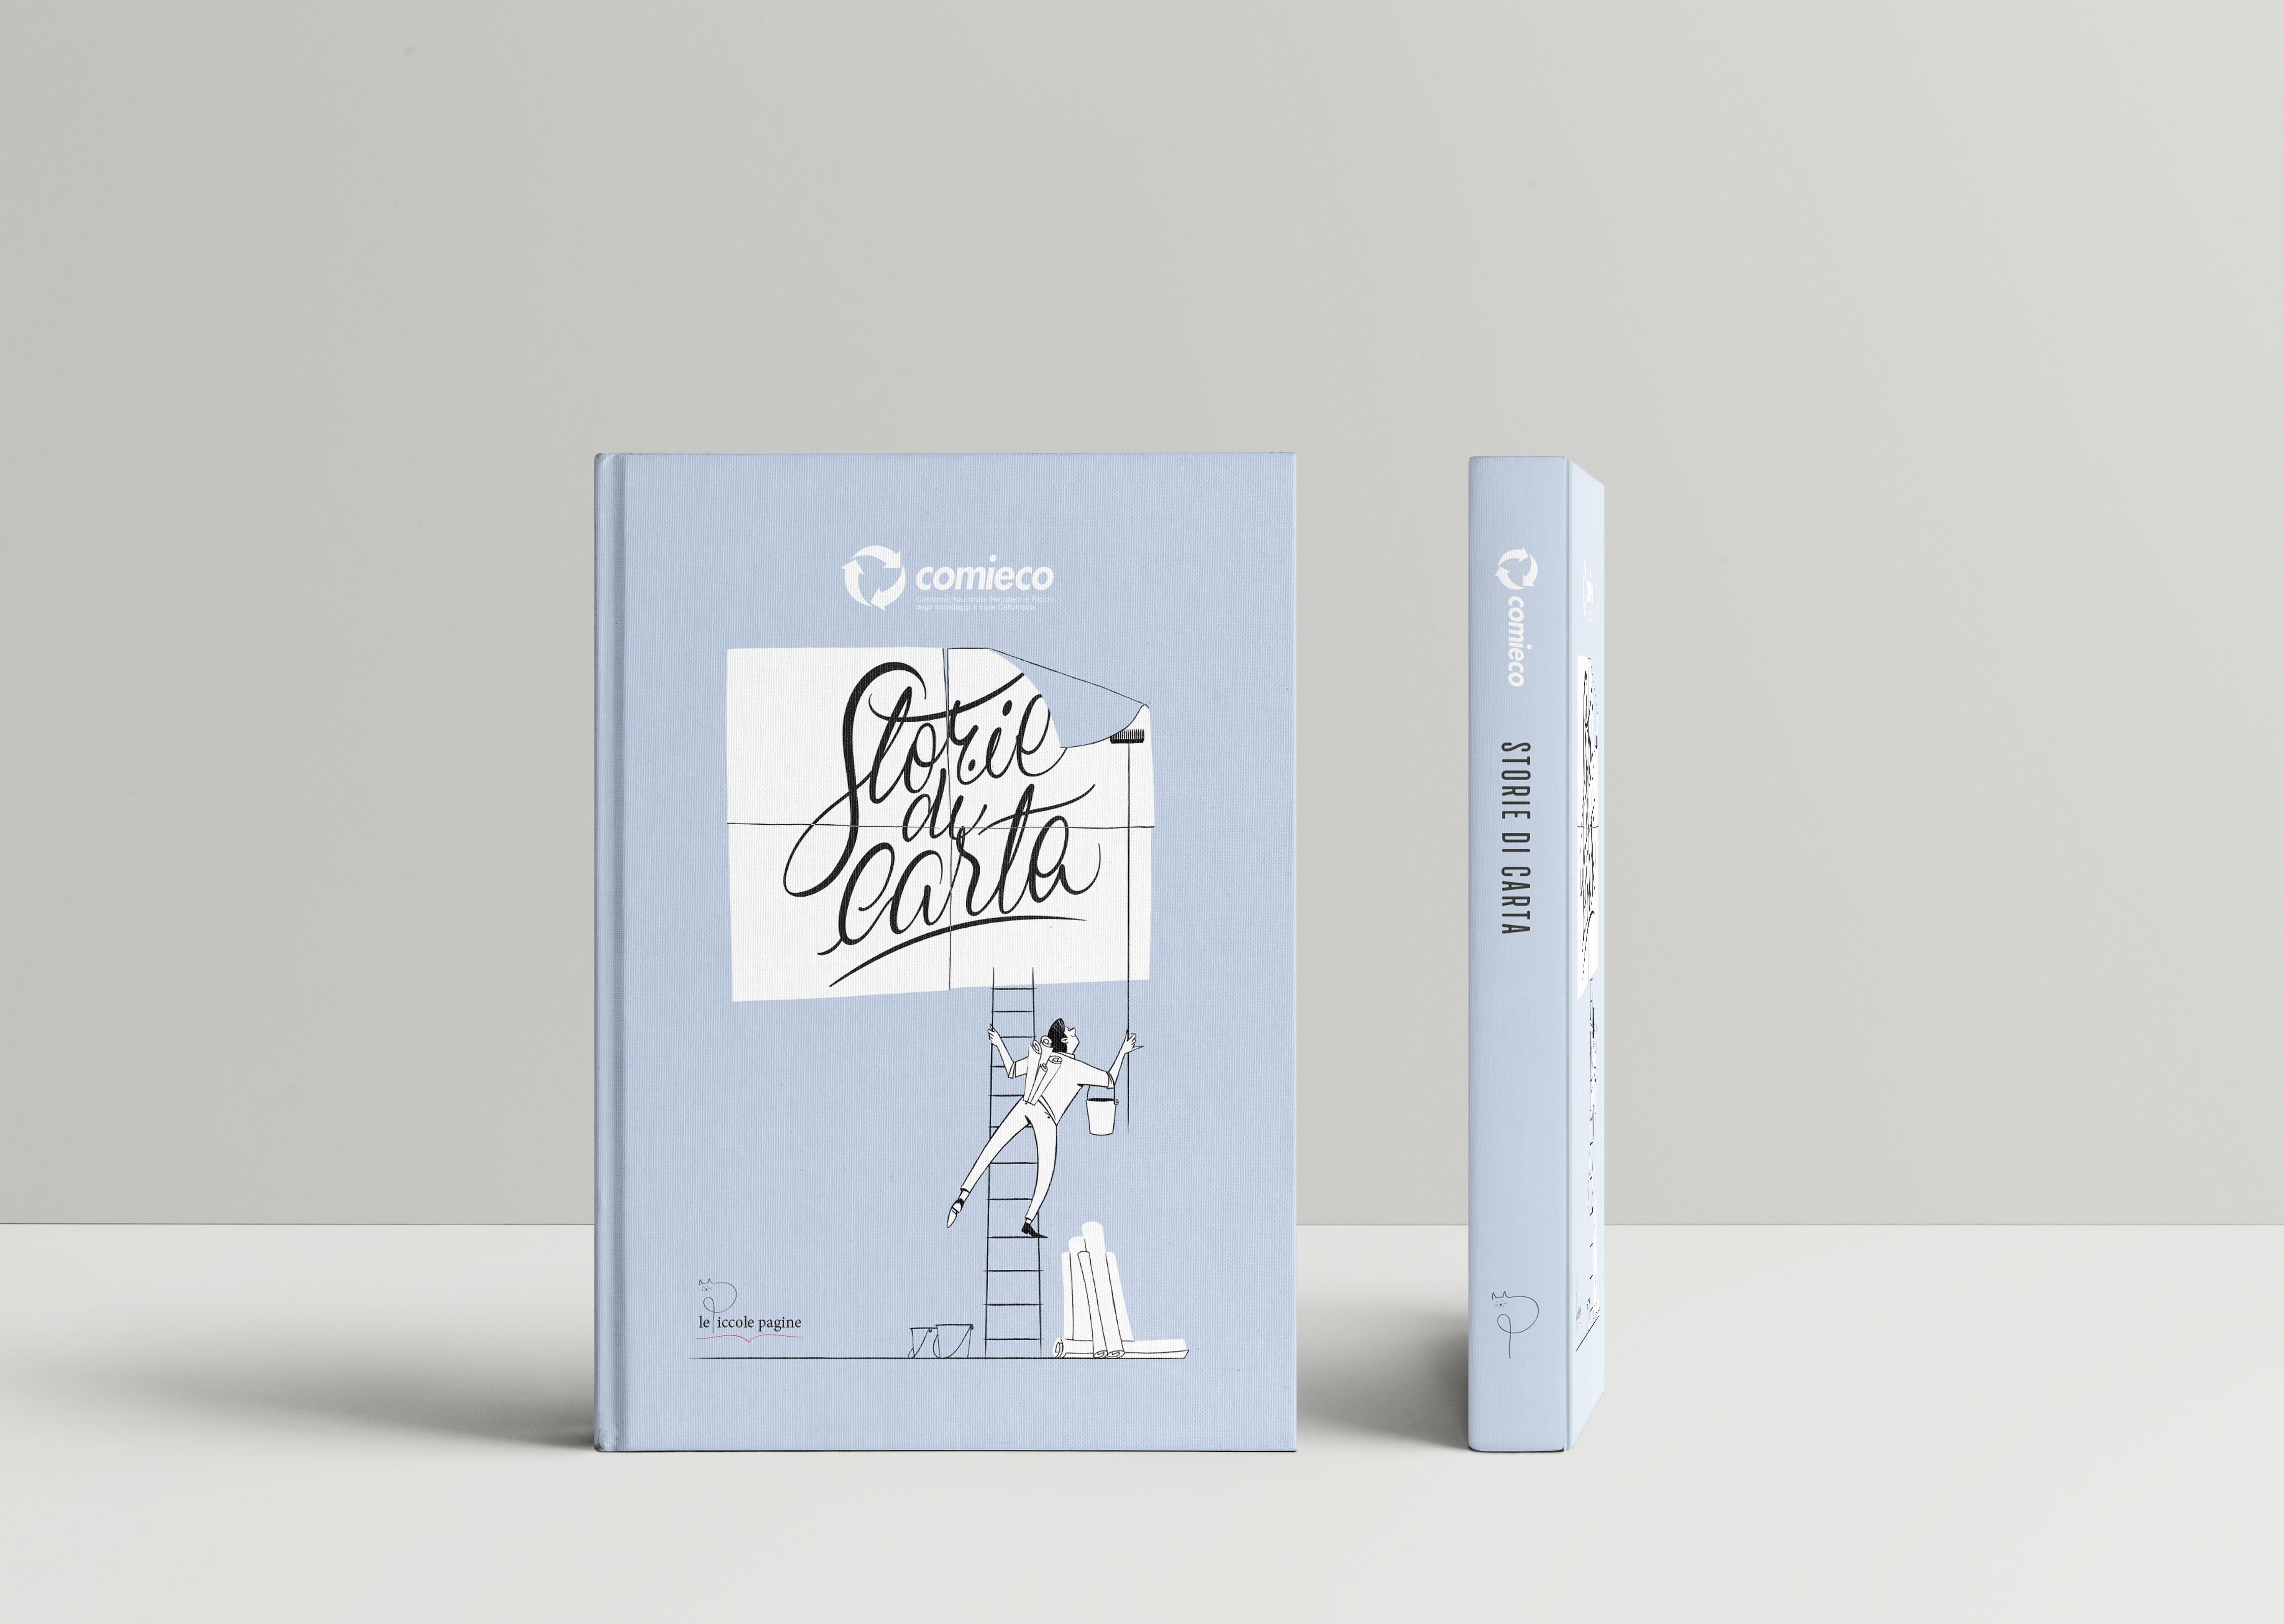 Storie di carta, antologia realizzata da Comie